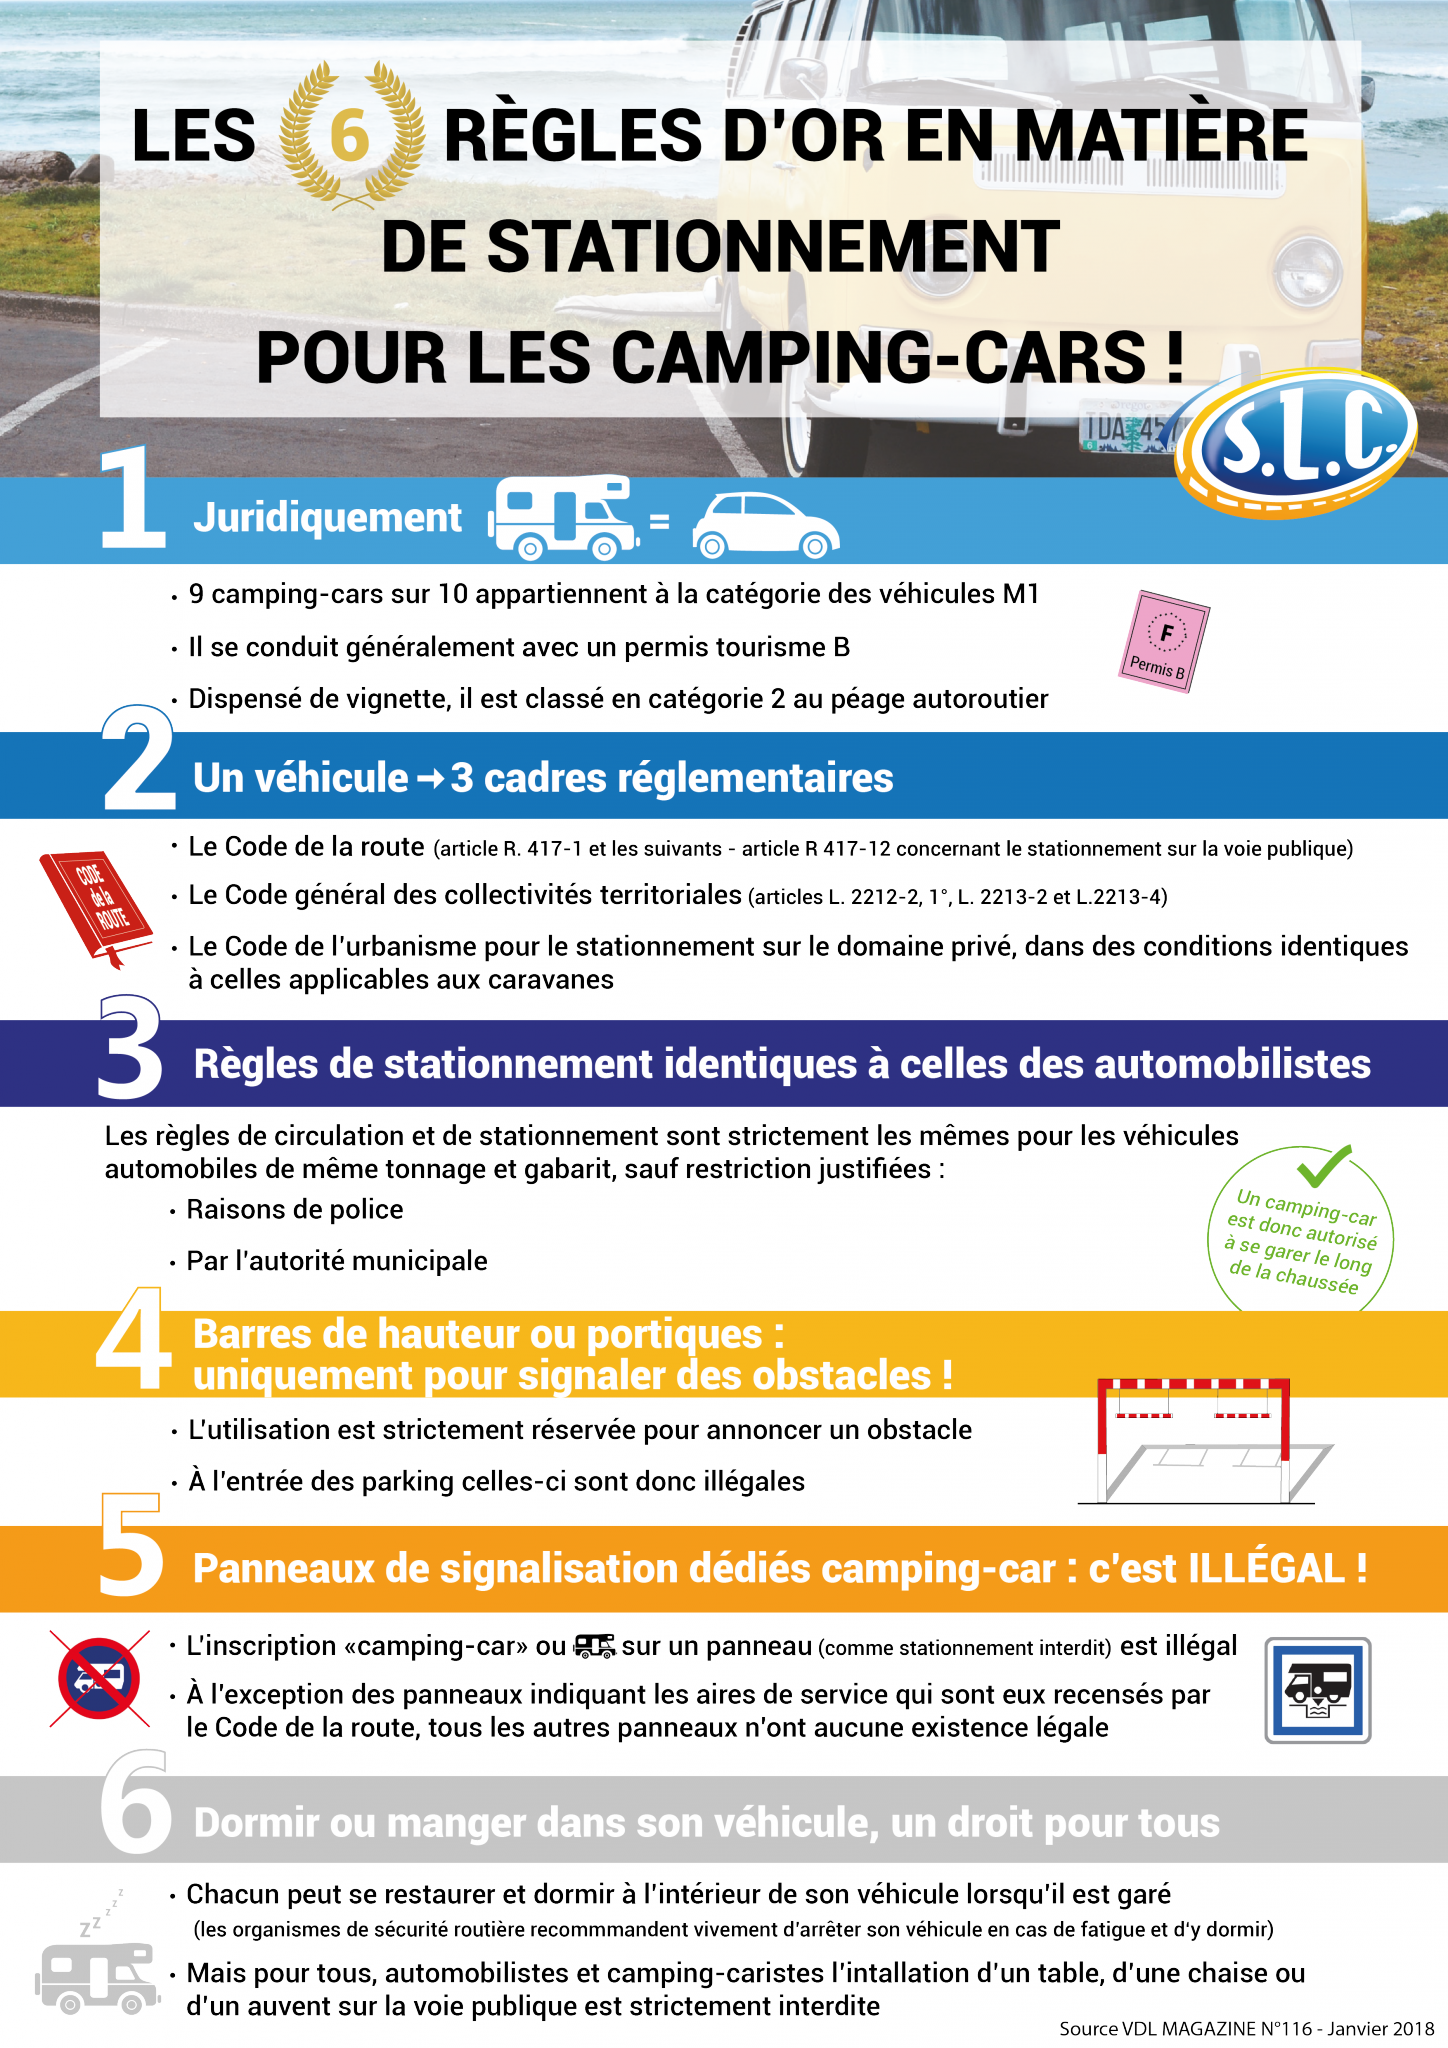 les règles appliquées concernant le stationnement des camping-cars sont les mêmes que celles pour les automobiles